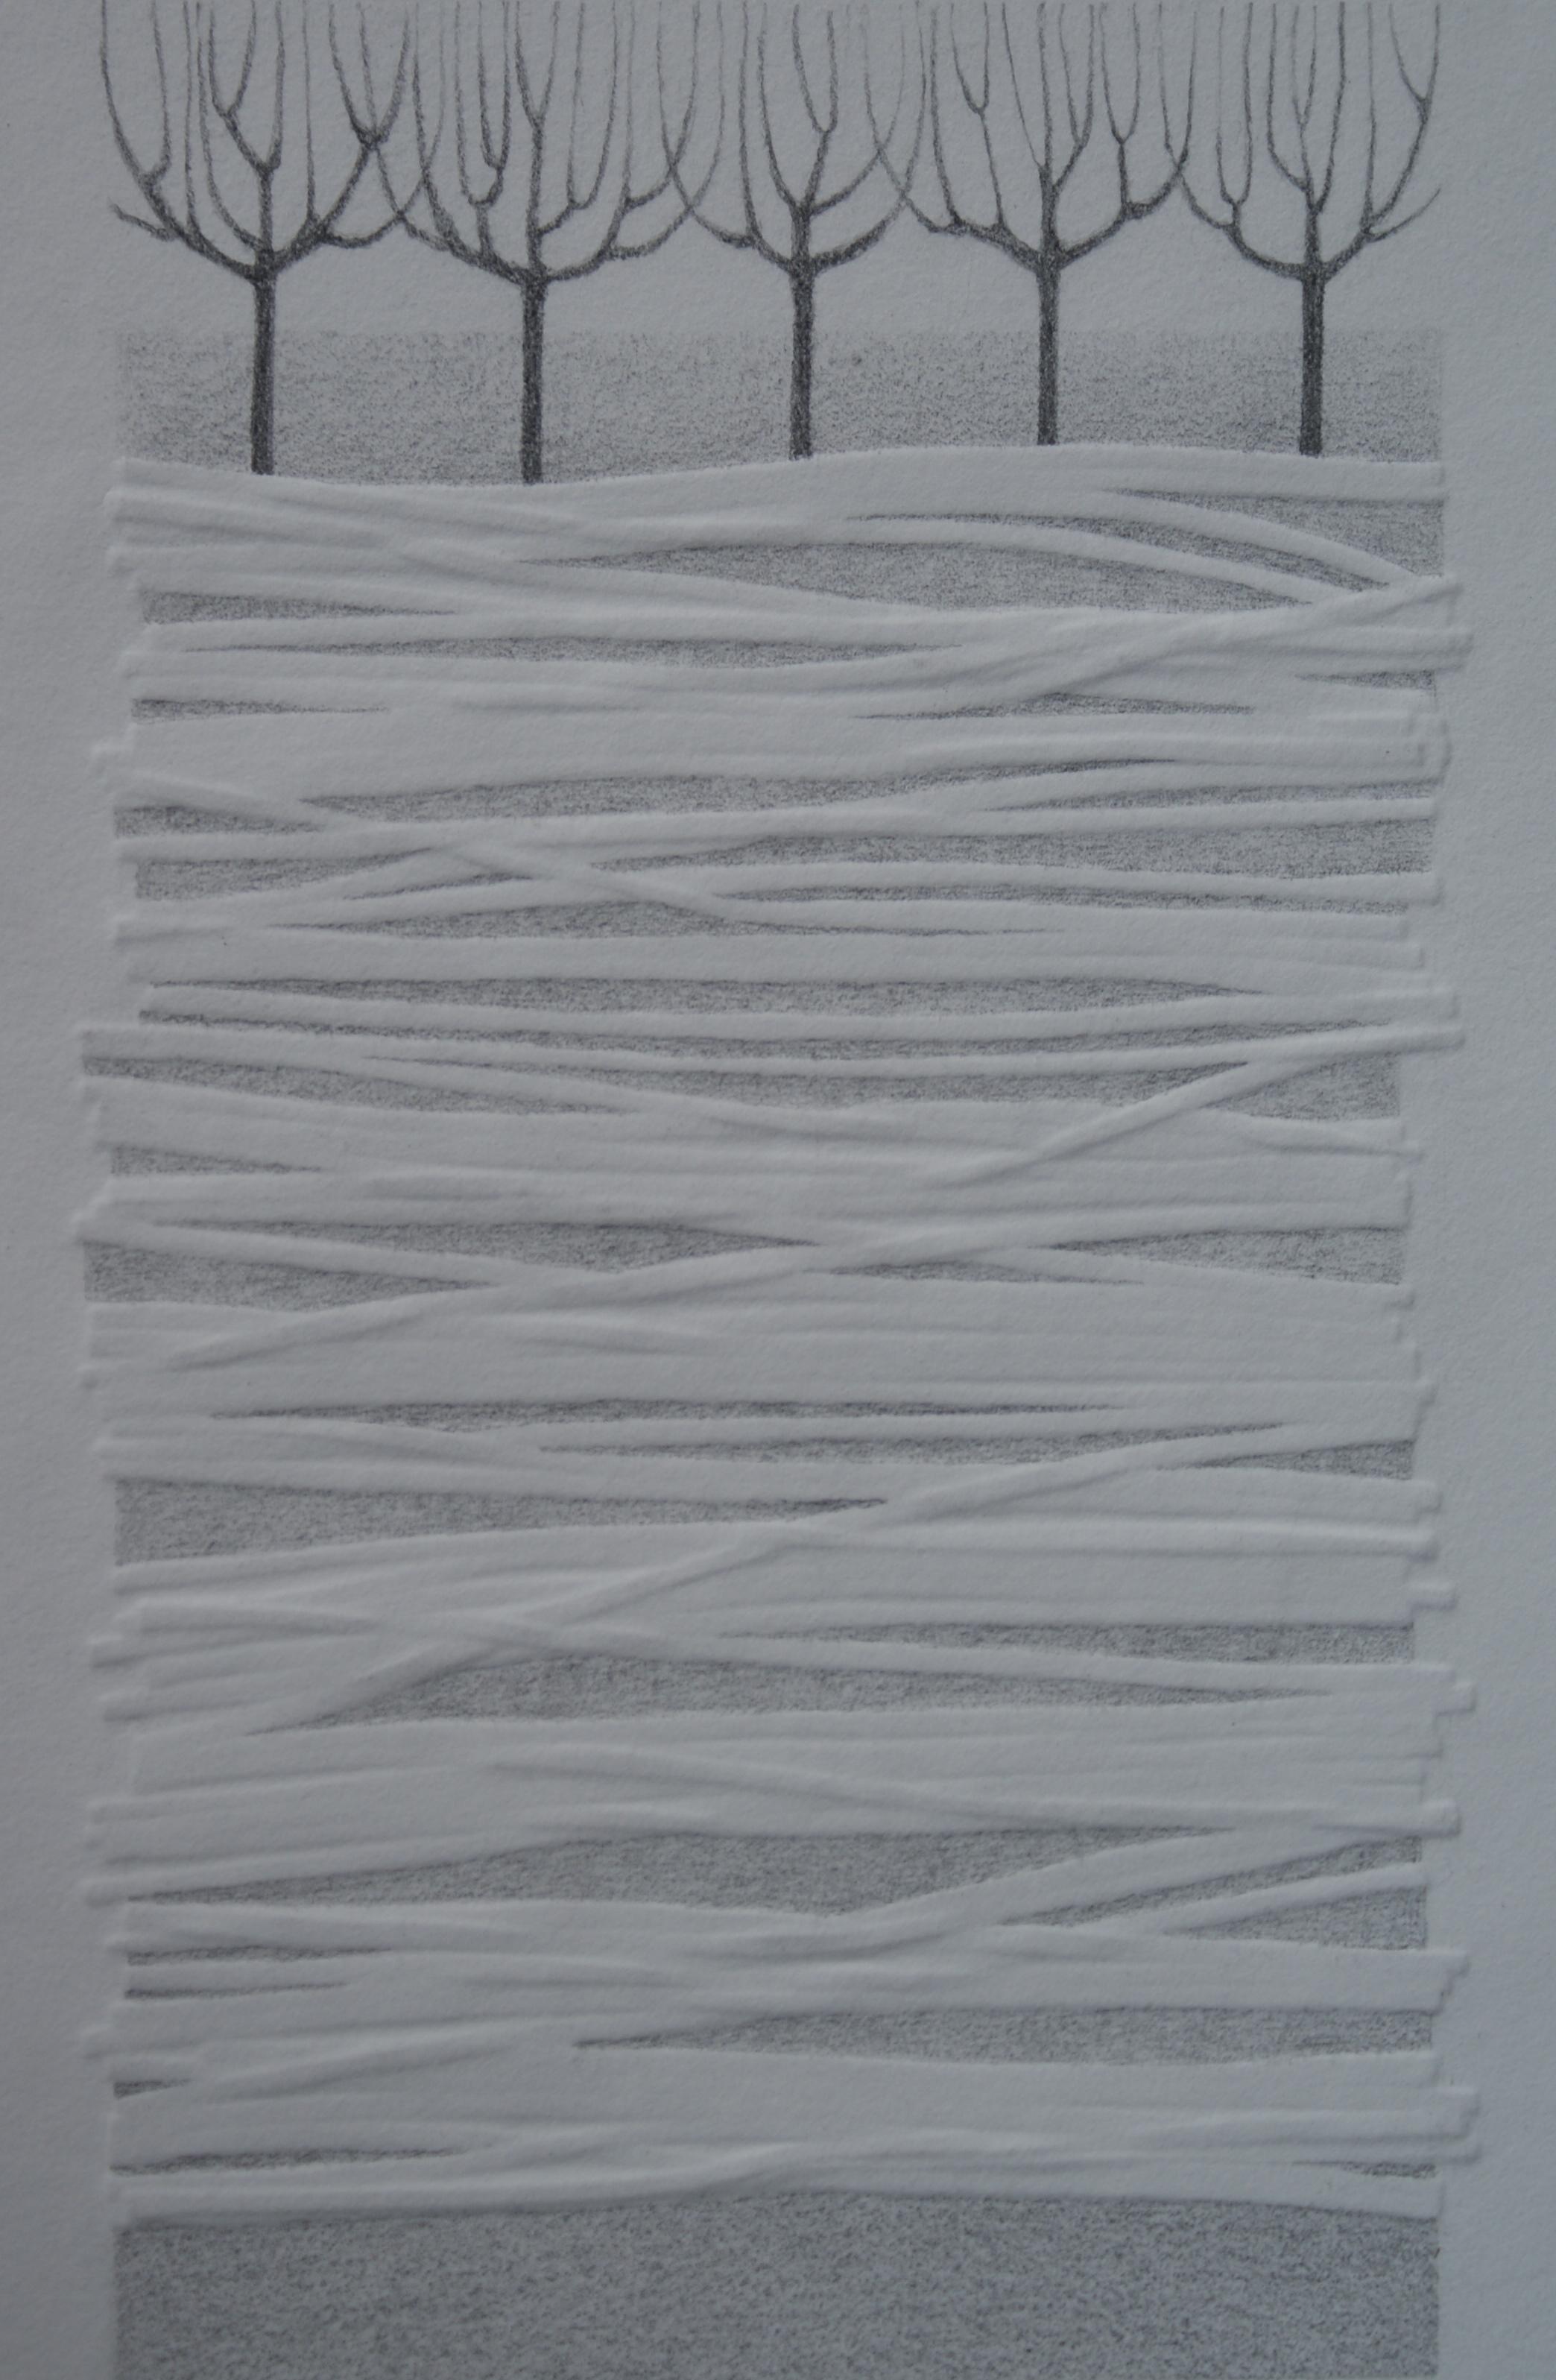 Akker II, 2016 (blinddruk, potlood) 20 cm x 30 cm